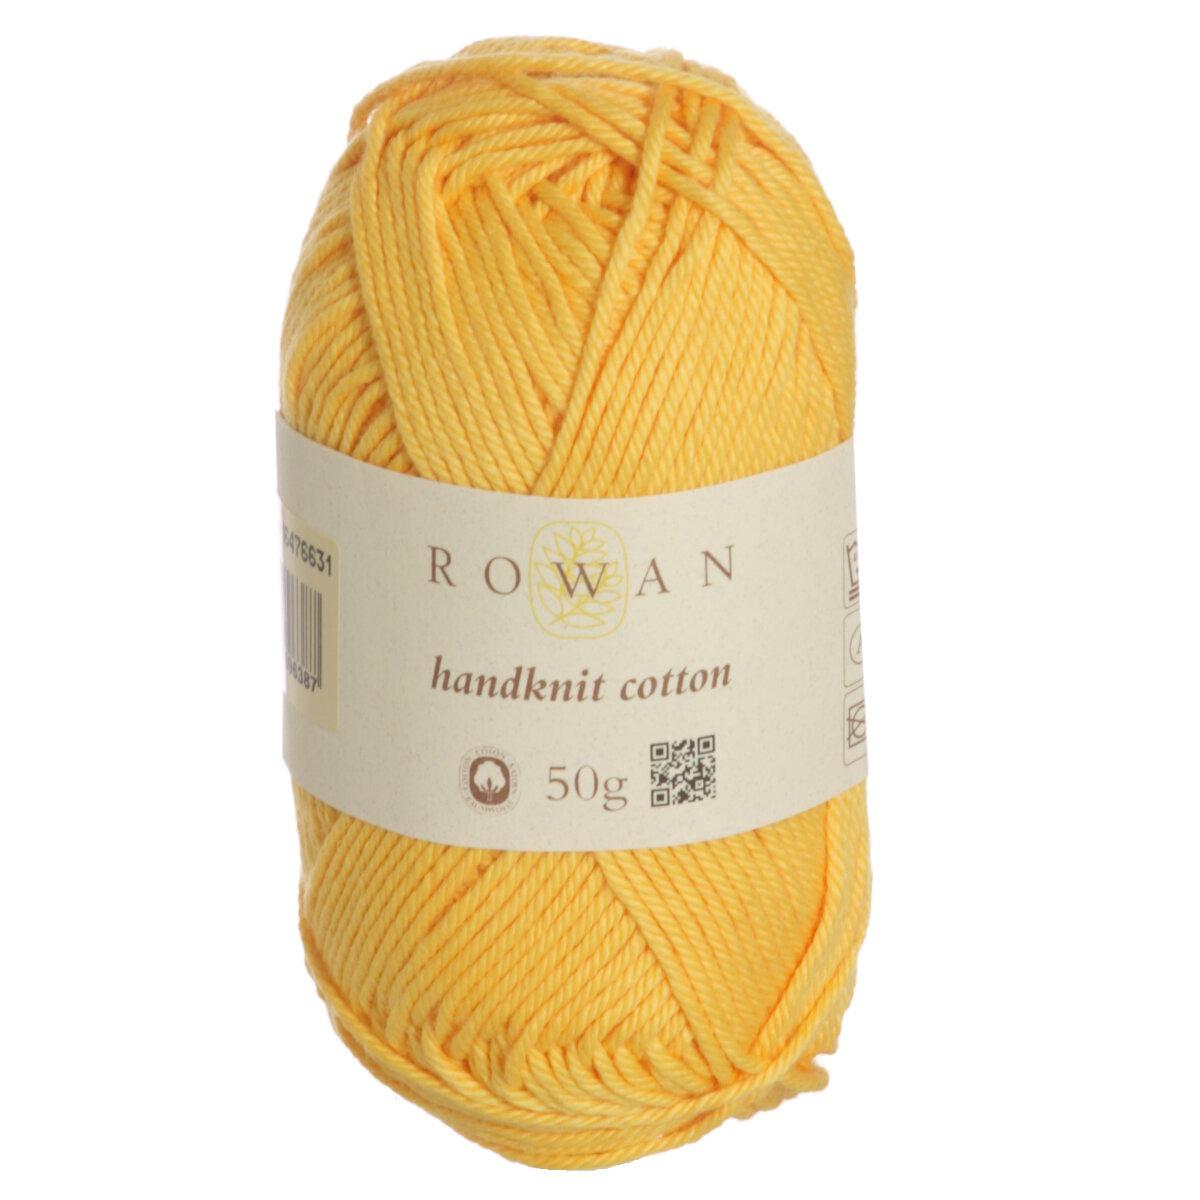 Rowan Handknit Cotton Yarn 364 Bee Discontinued